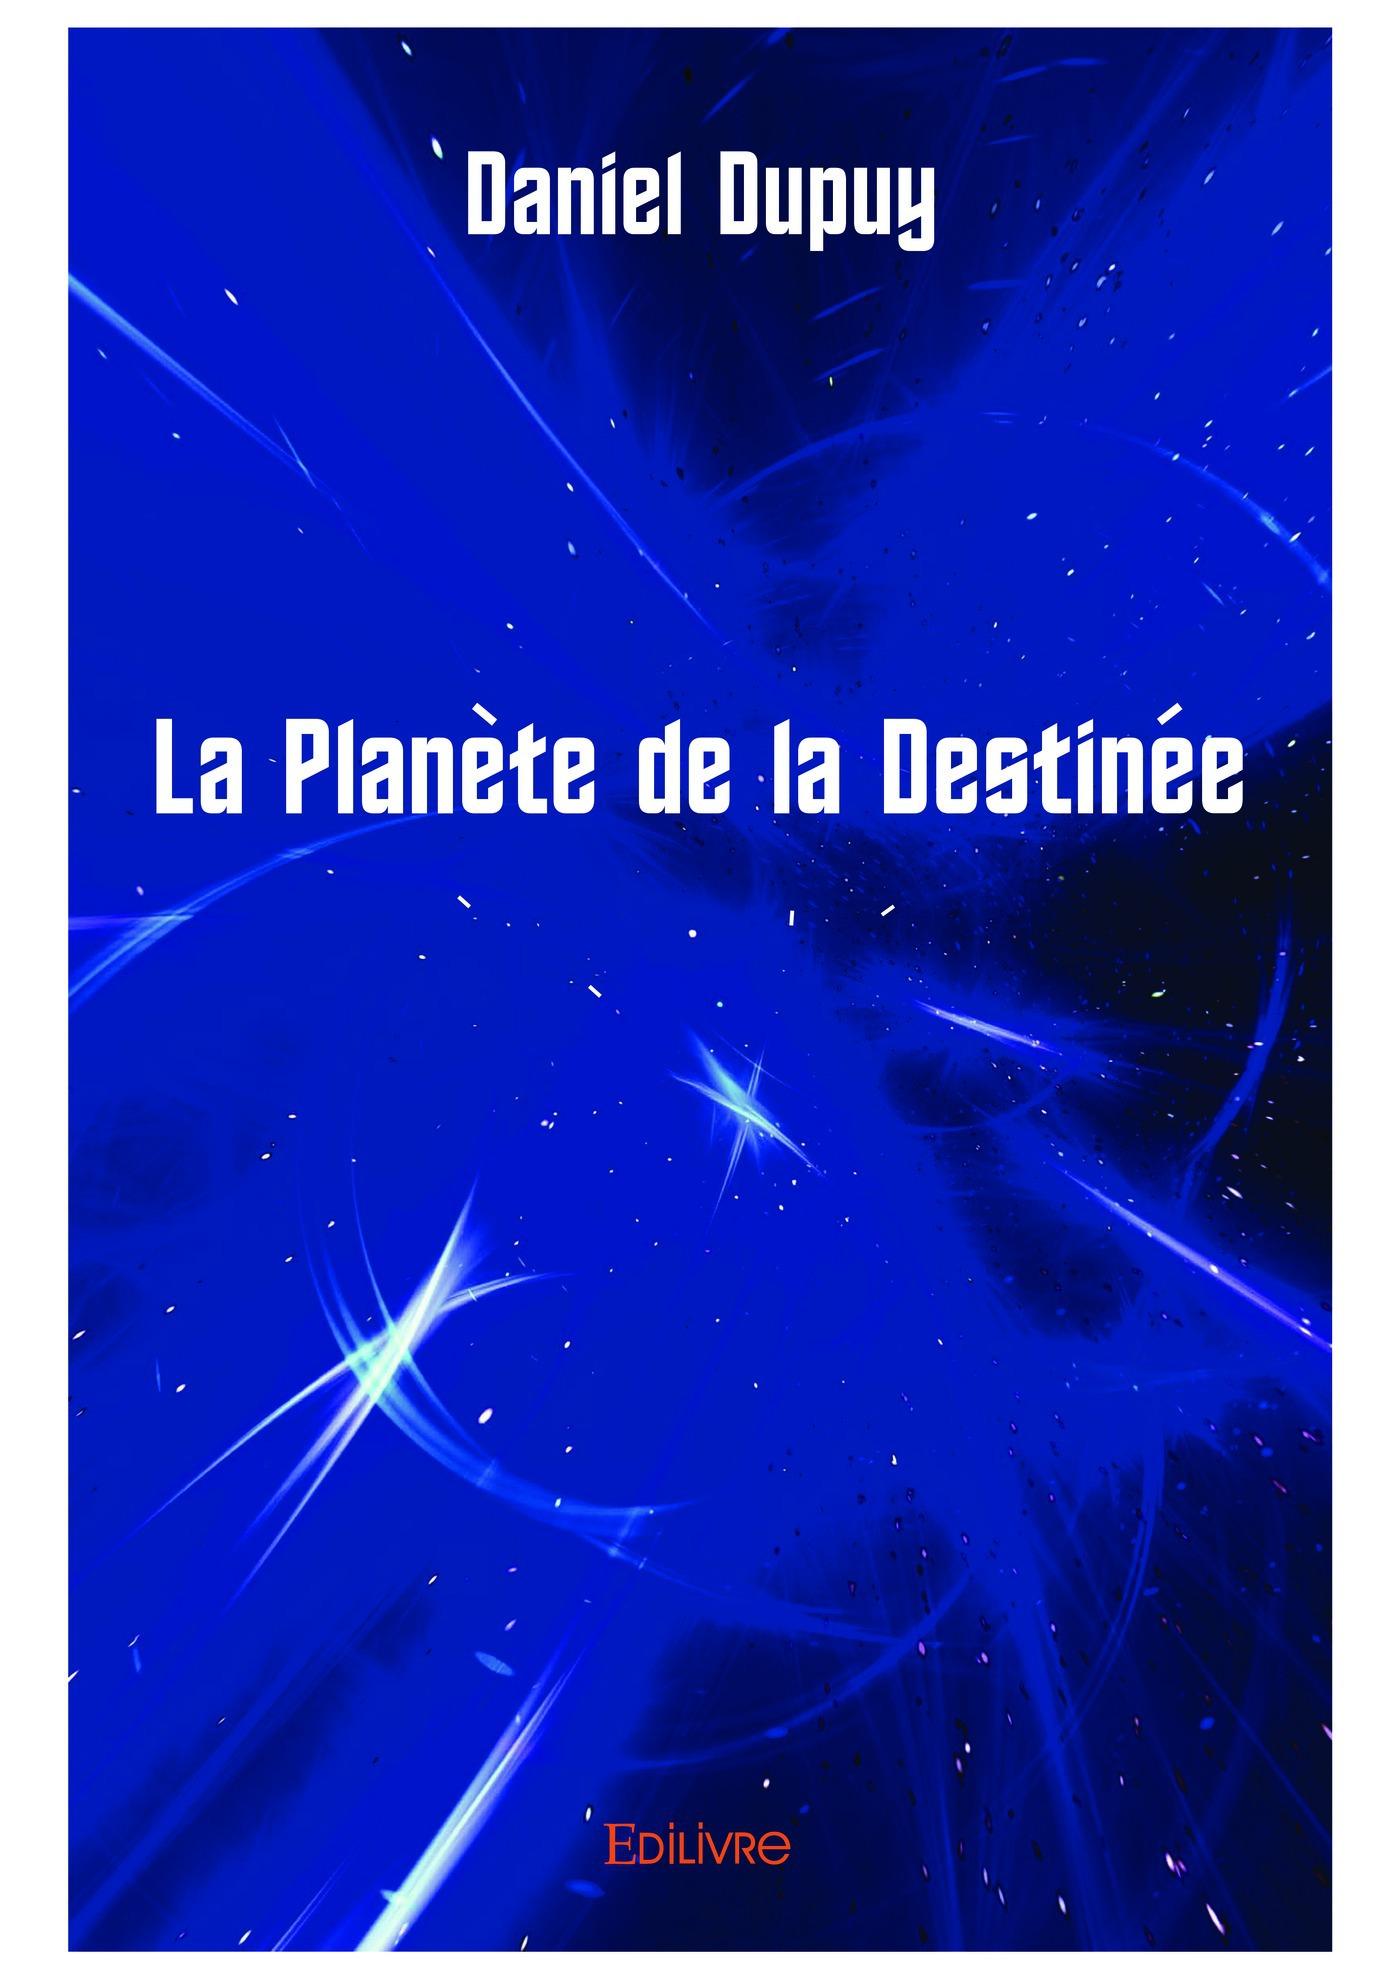 La planete de la destinee